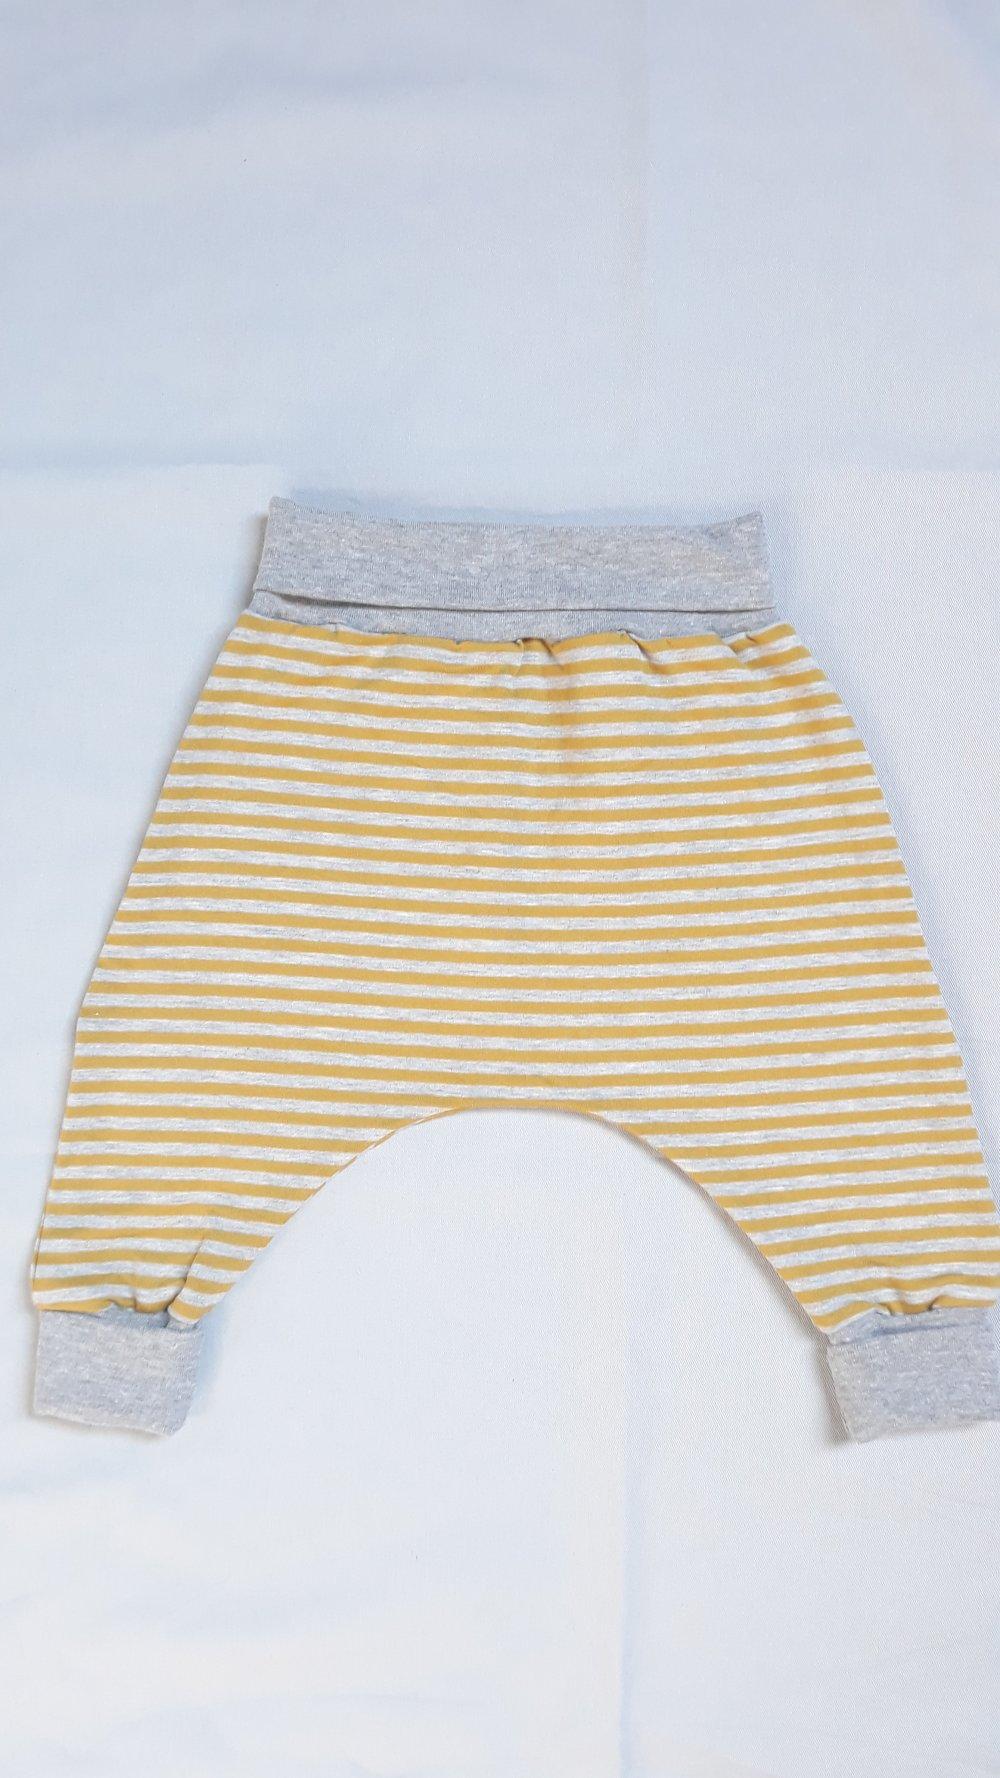 Sarouel bébé évolutif - Dès 9 mois - 12 mois